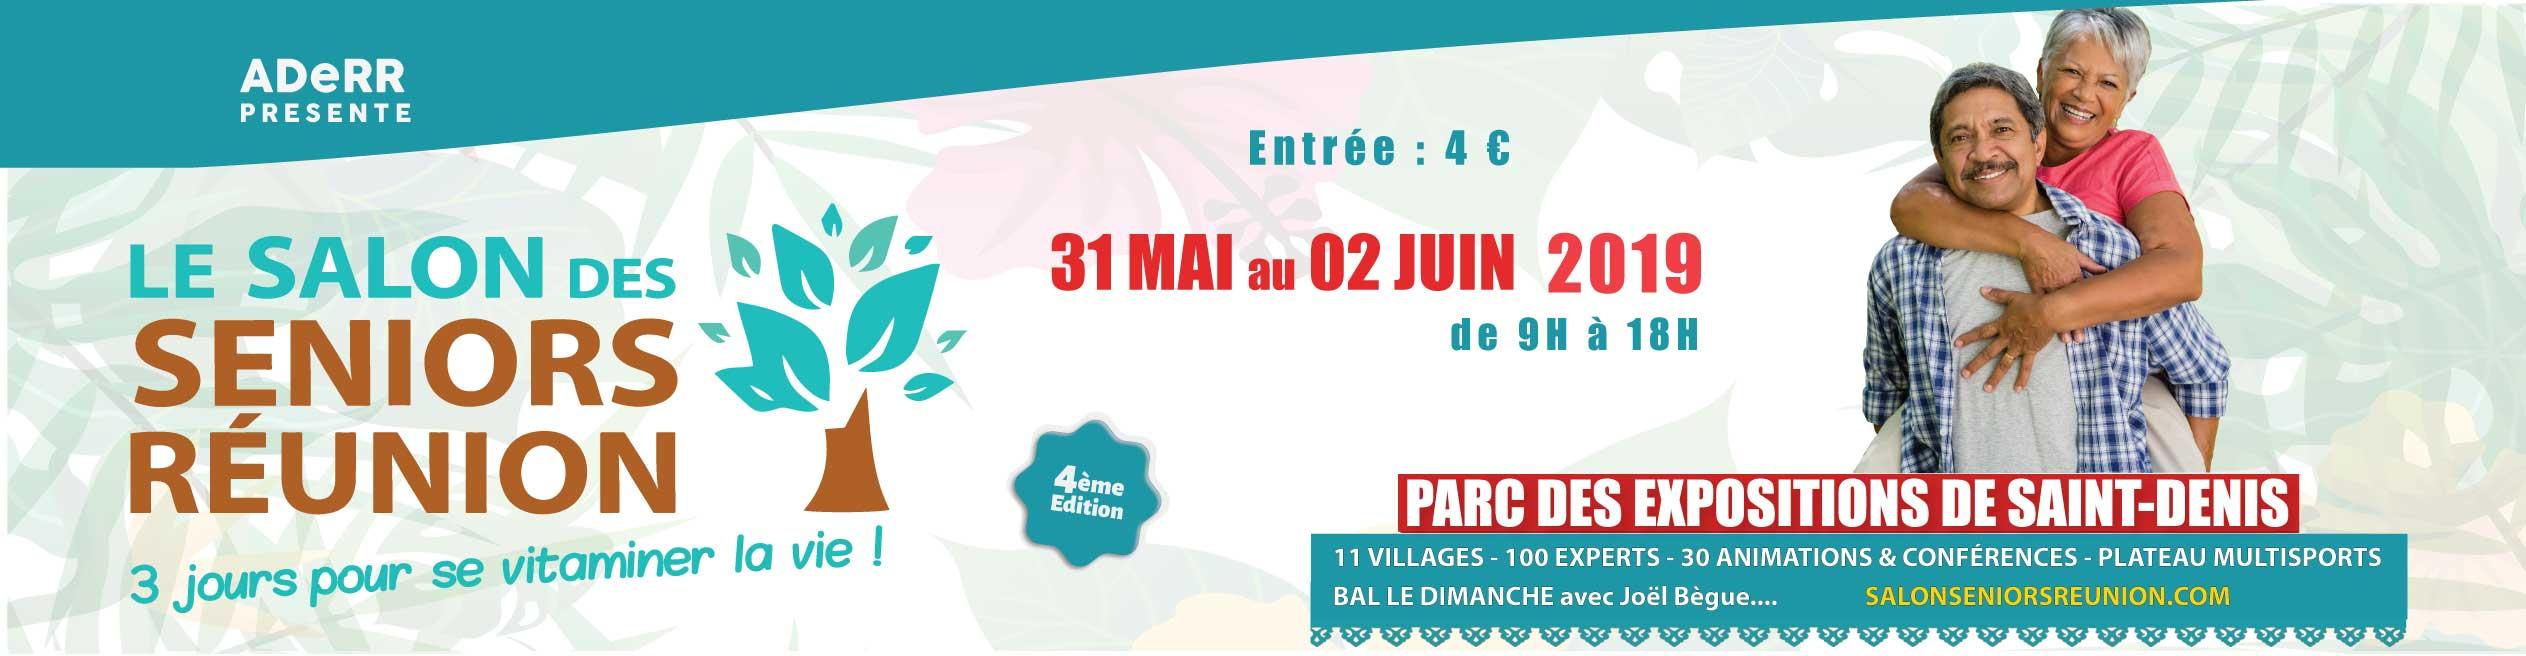 Bandeau-Salon-des-Seniors-Réunion-2019